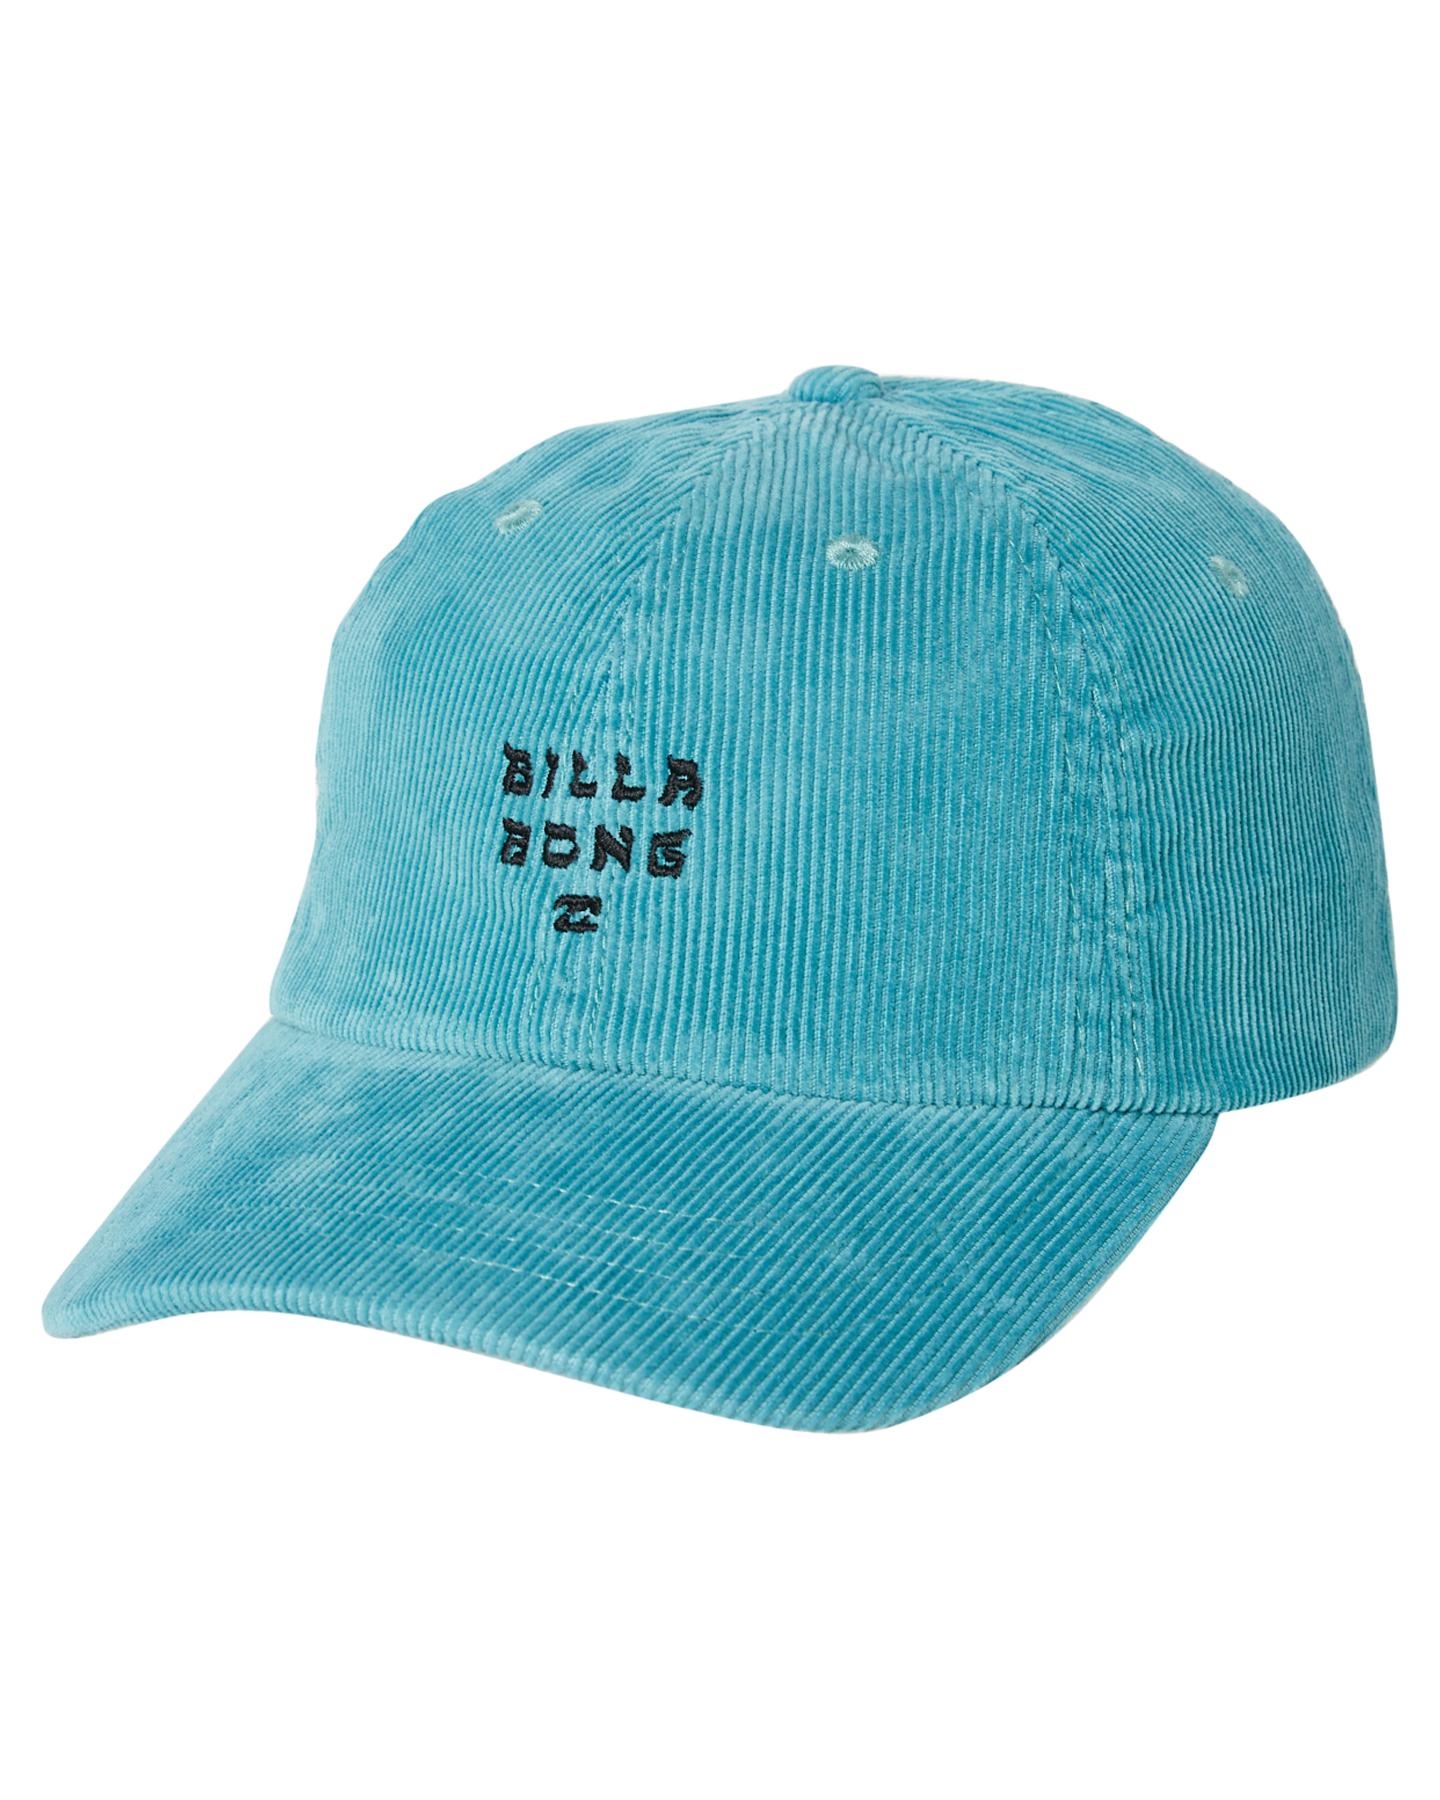 Billabong Men s Peyote Cord Lad Cap Cotton Corduroy Blue ... 6f756b06a708